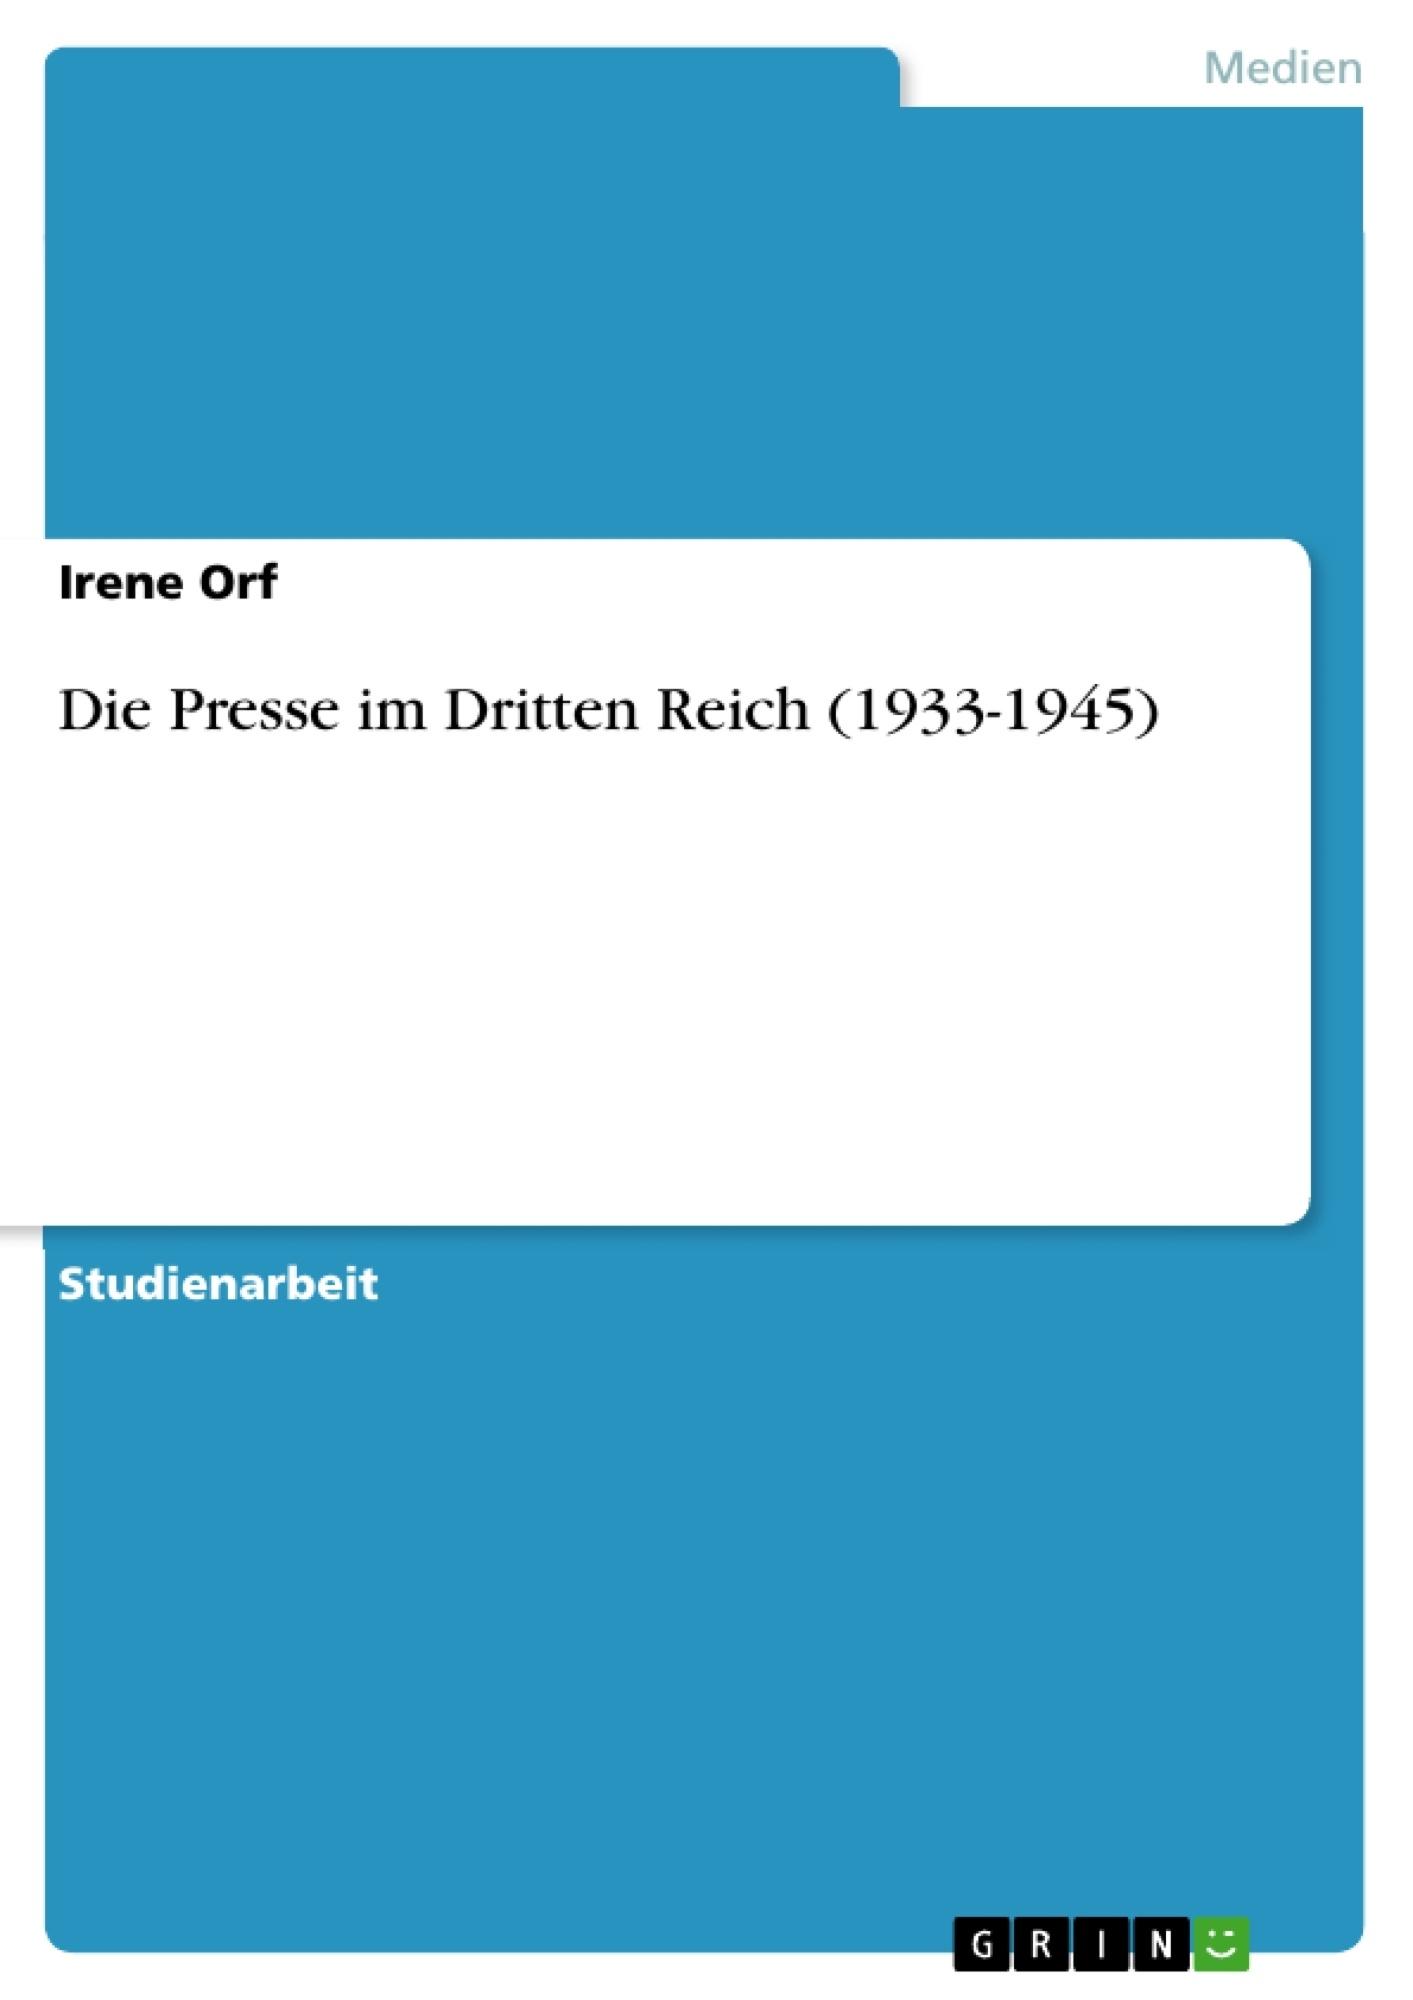 Titel: Die Presse im Dritten Reich (1933-1945)